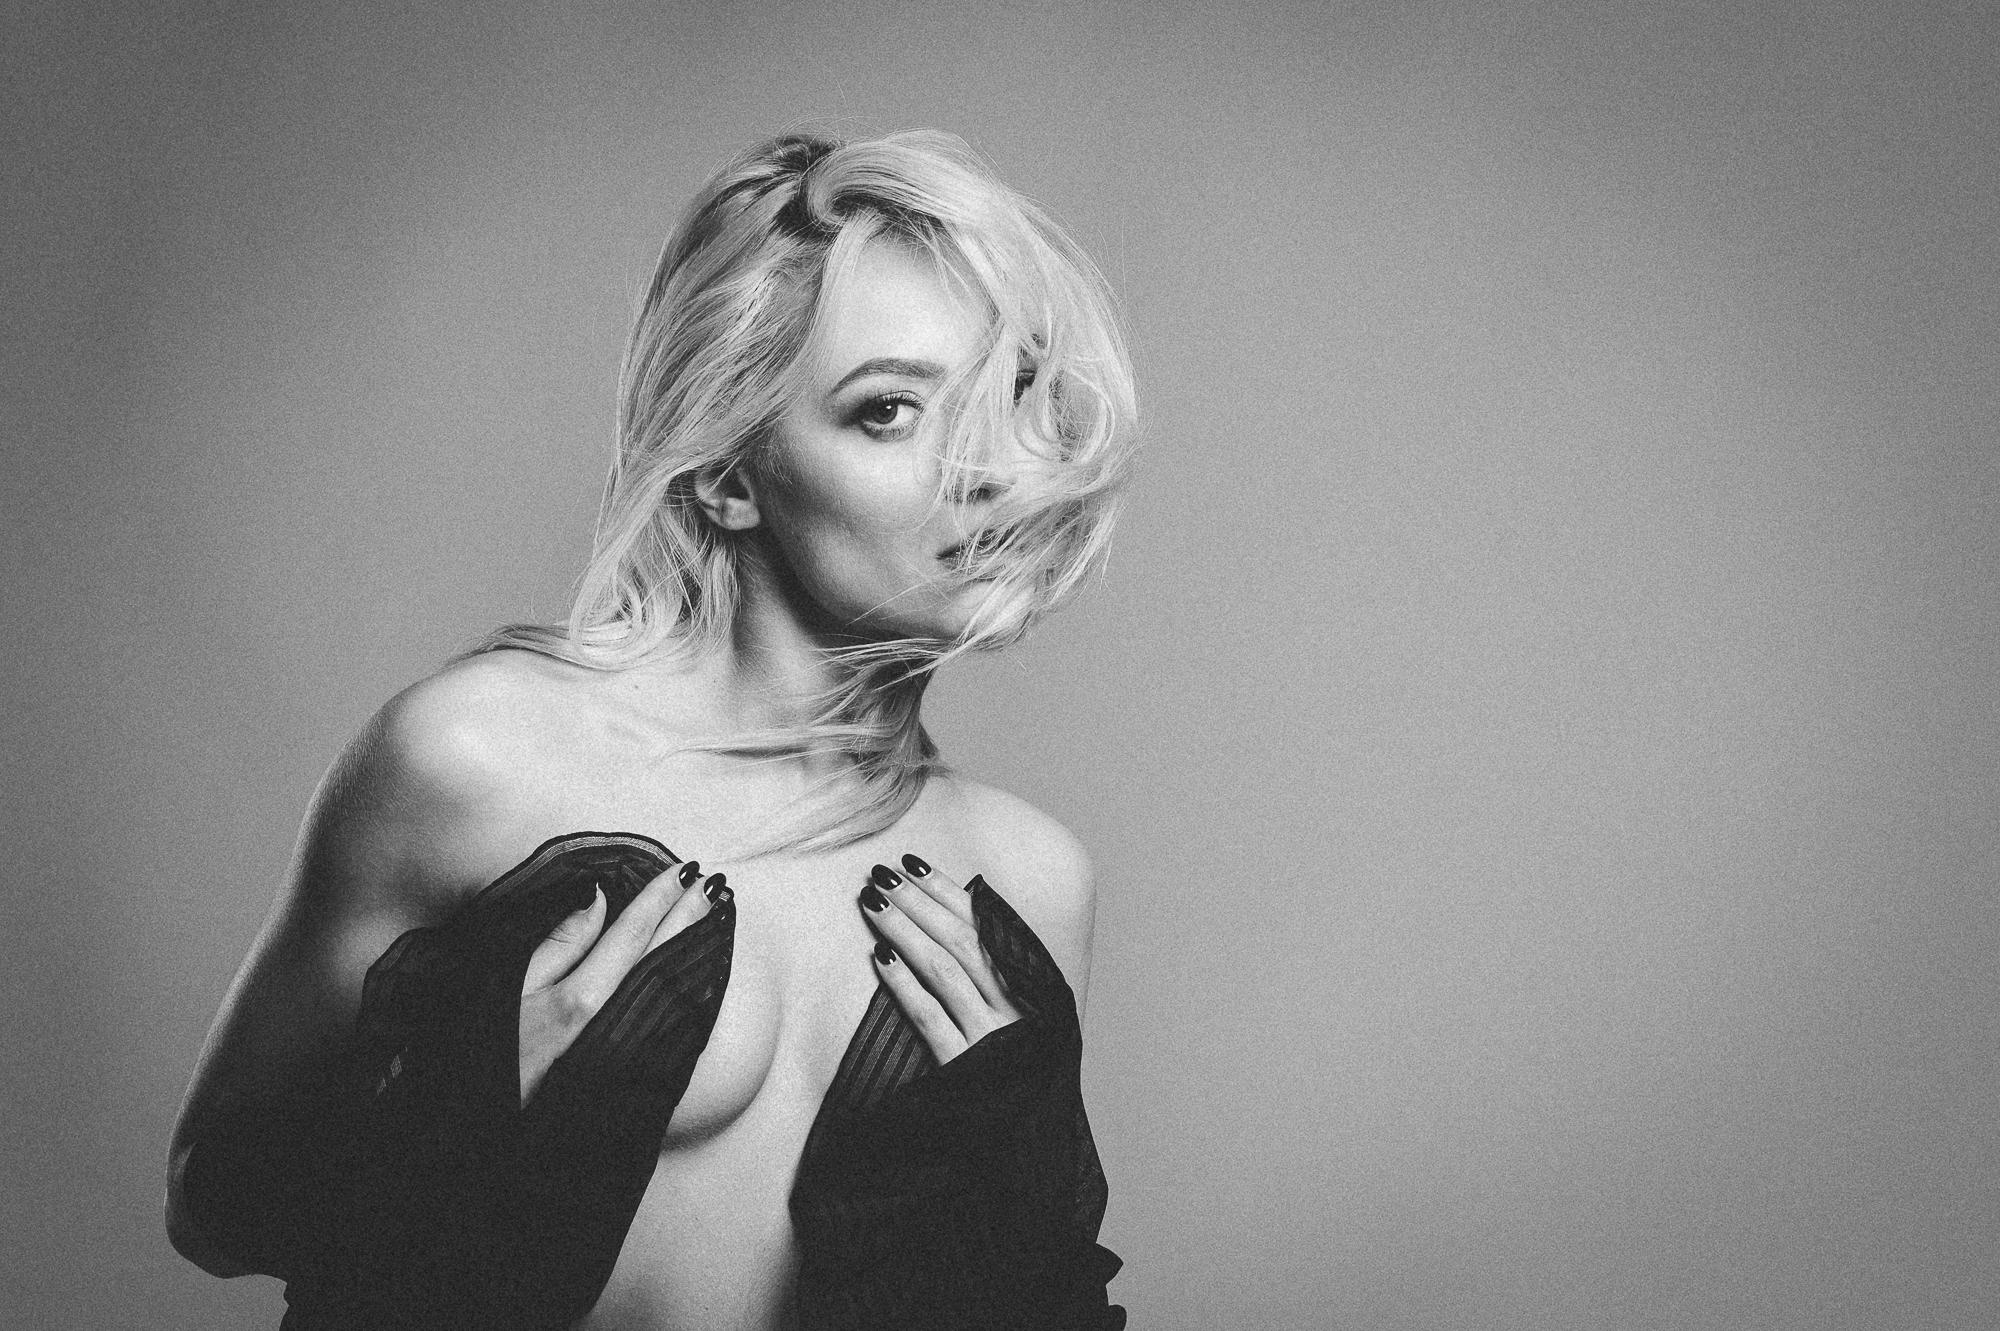 fotograf nud constanta (22)